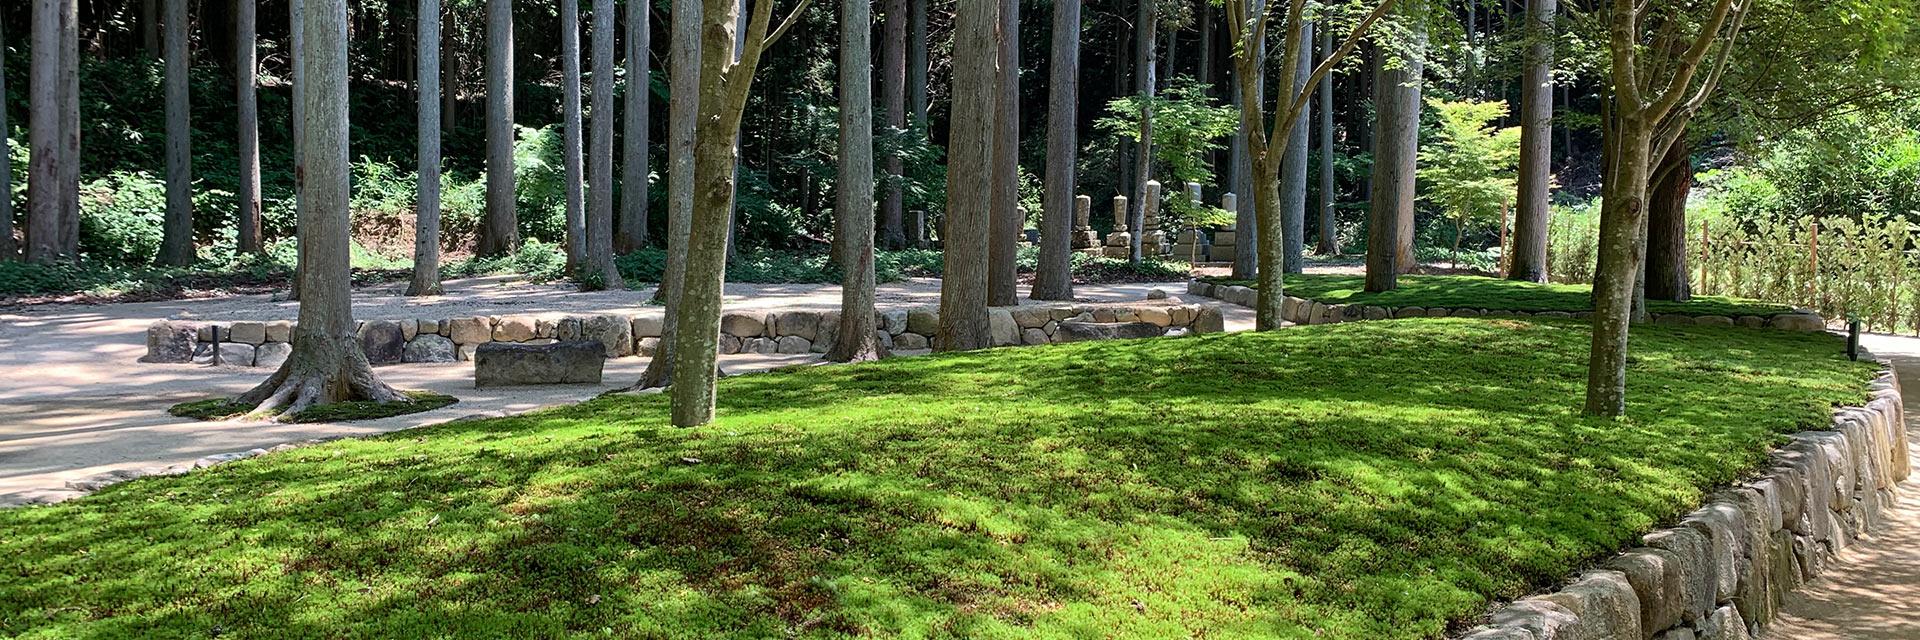 櫟野寺樹木葬墓苑の空ゾーン